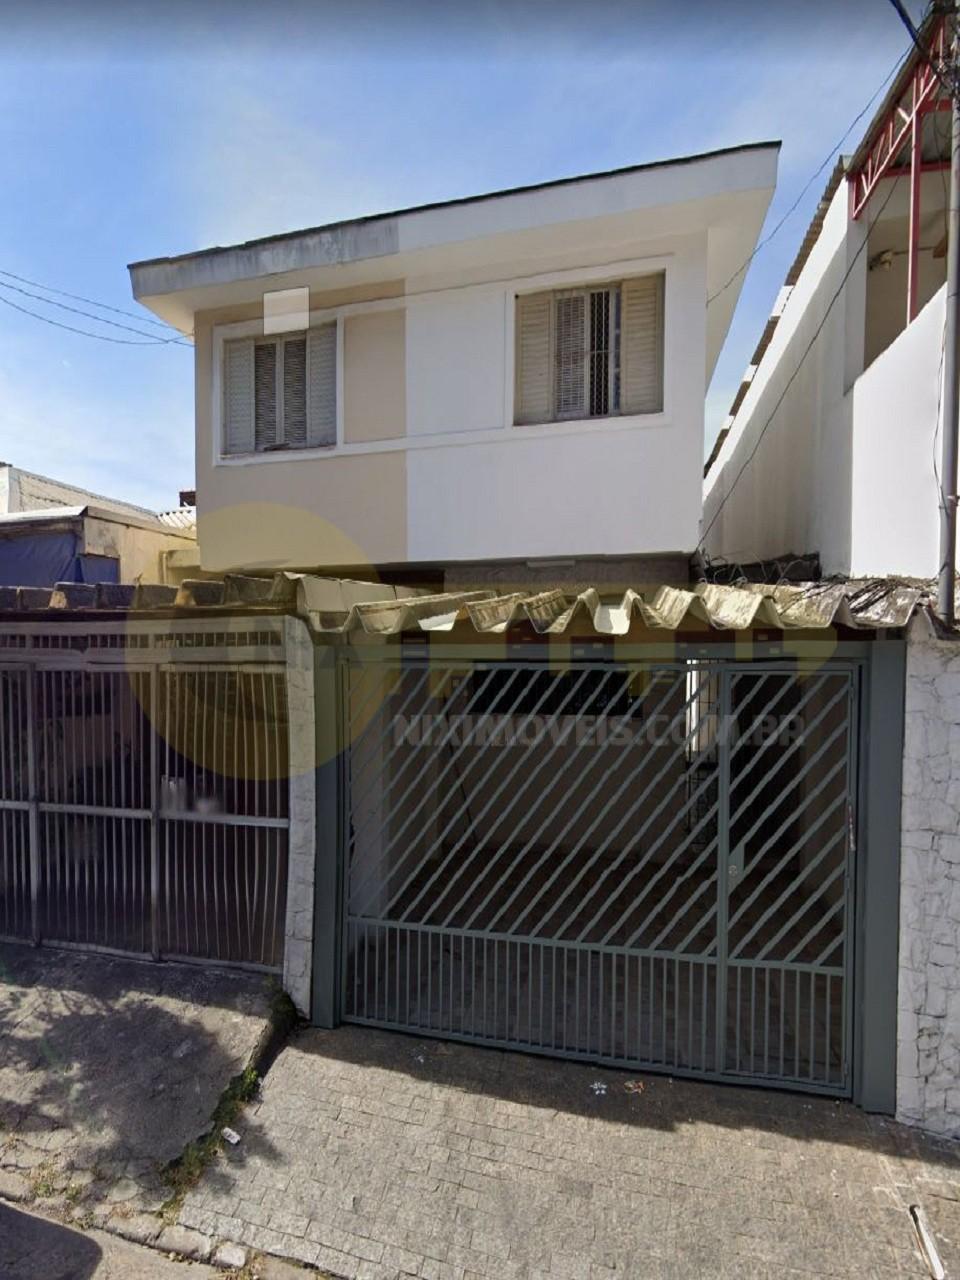 Aluga Centro Jd Bonfiglioli Butanta Perto da USP Casa Comercial ou Residencial. 150m², 2 quartos, edícula, garagem coberta, quintal, área de serviço grande!